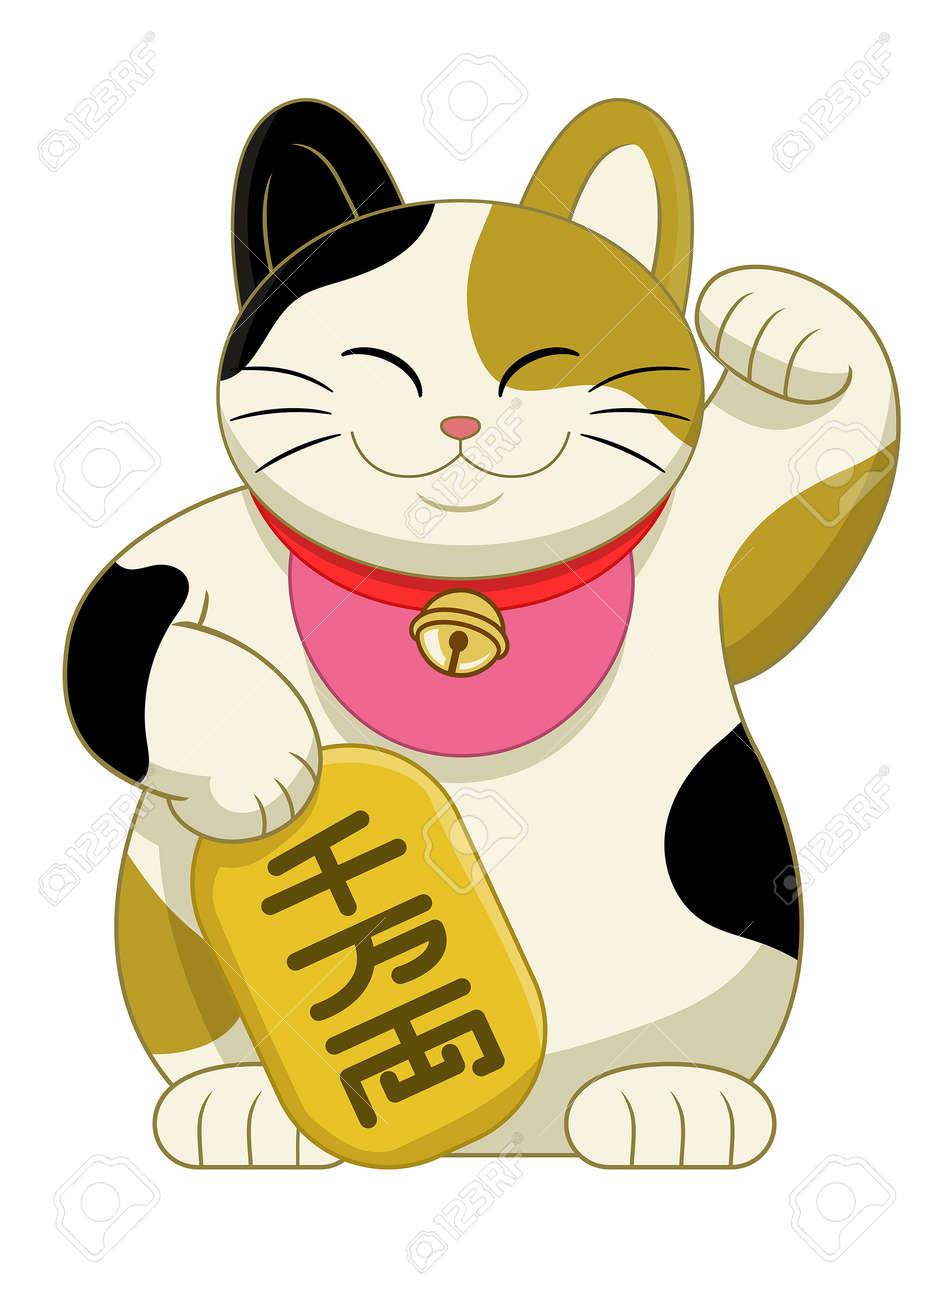 vector of japan cute maneki neki cat - 163987842